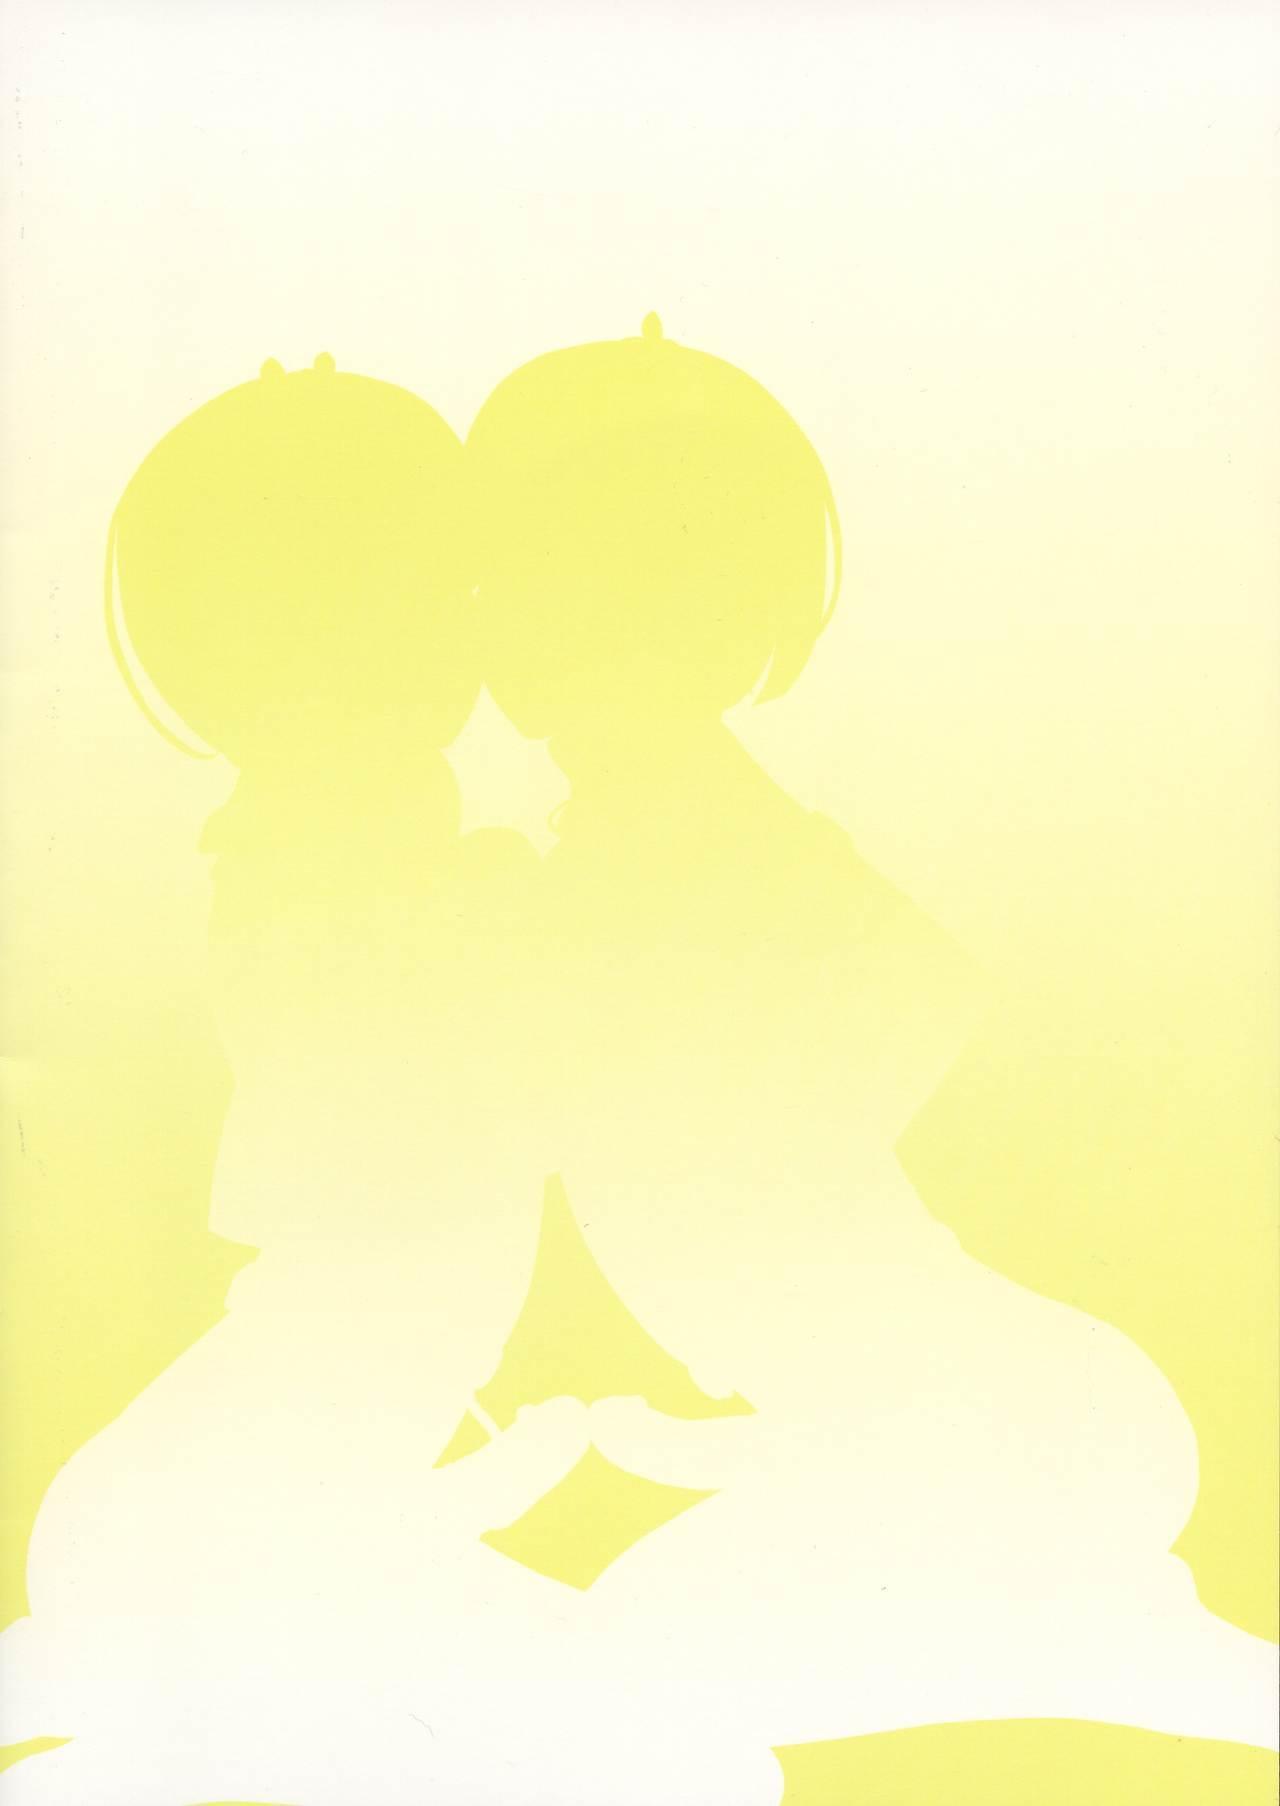 Futanari Futago Maid to 3P Dekiru Omise ga Sugokatta Ken 1